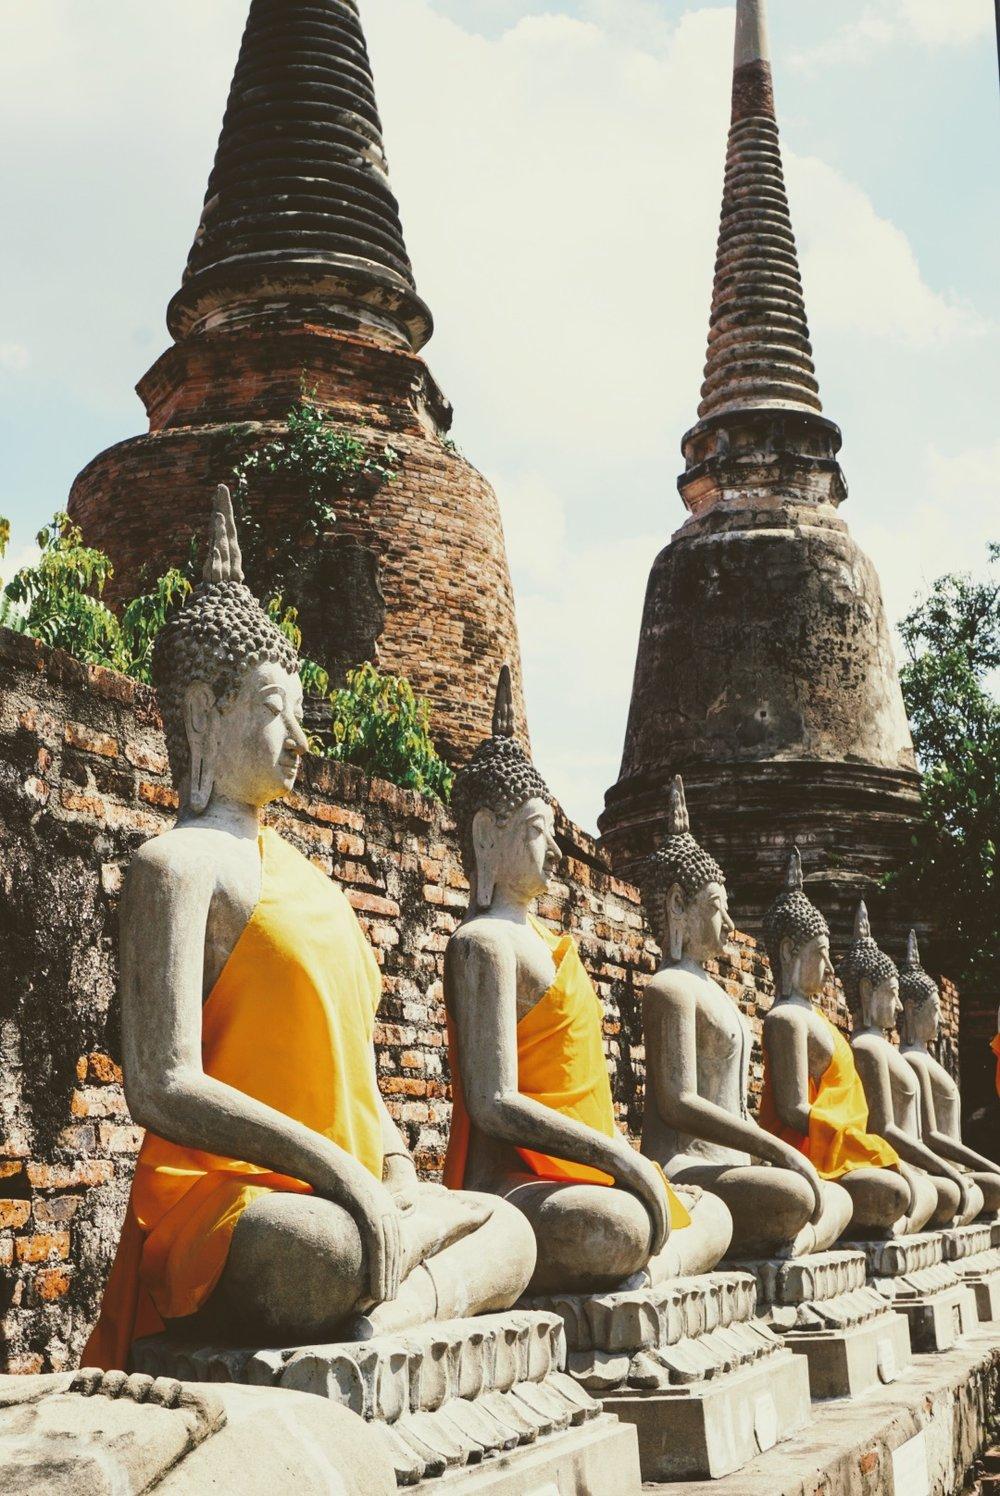 Visiting Wat Yai Chai Mongkhon in Ayutthaya, Thailand